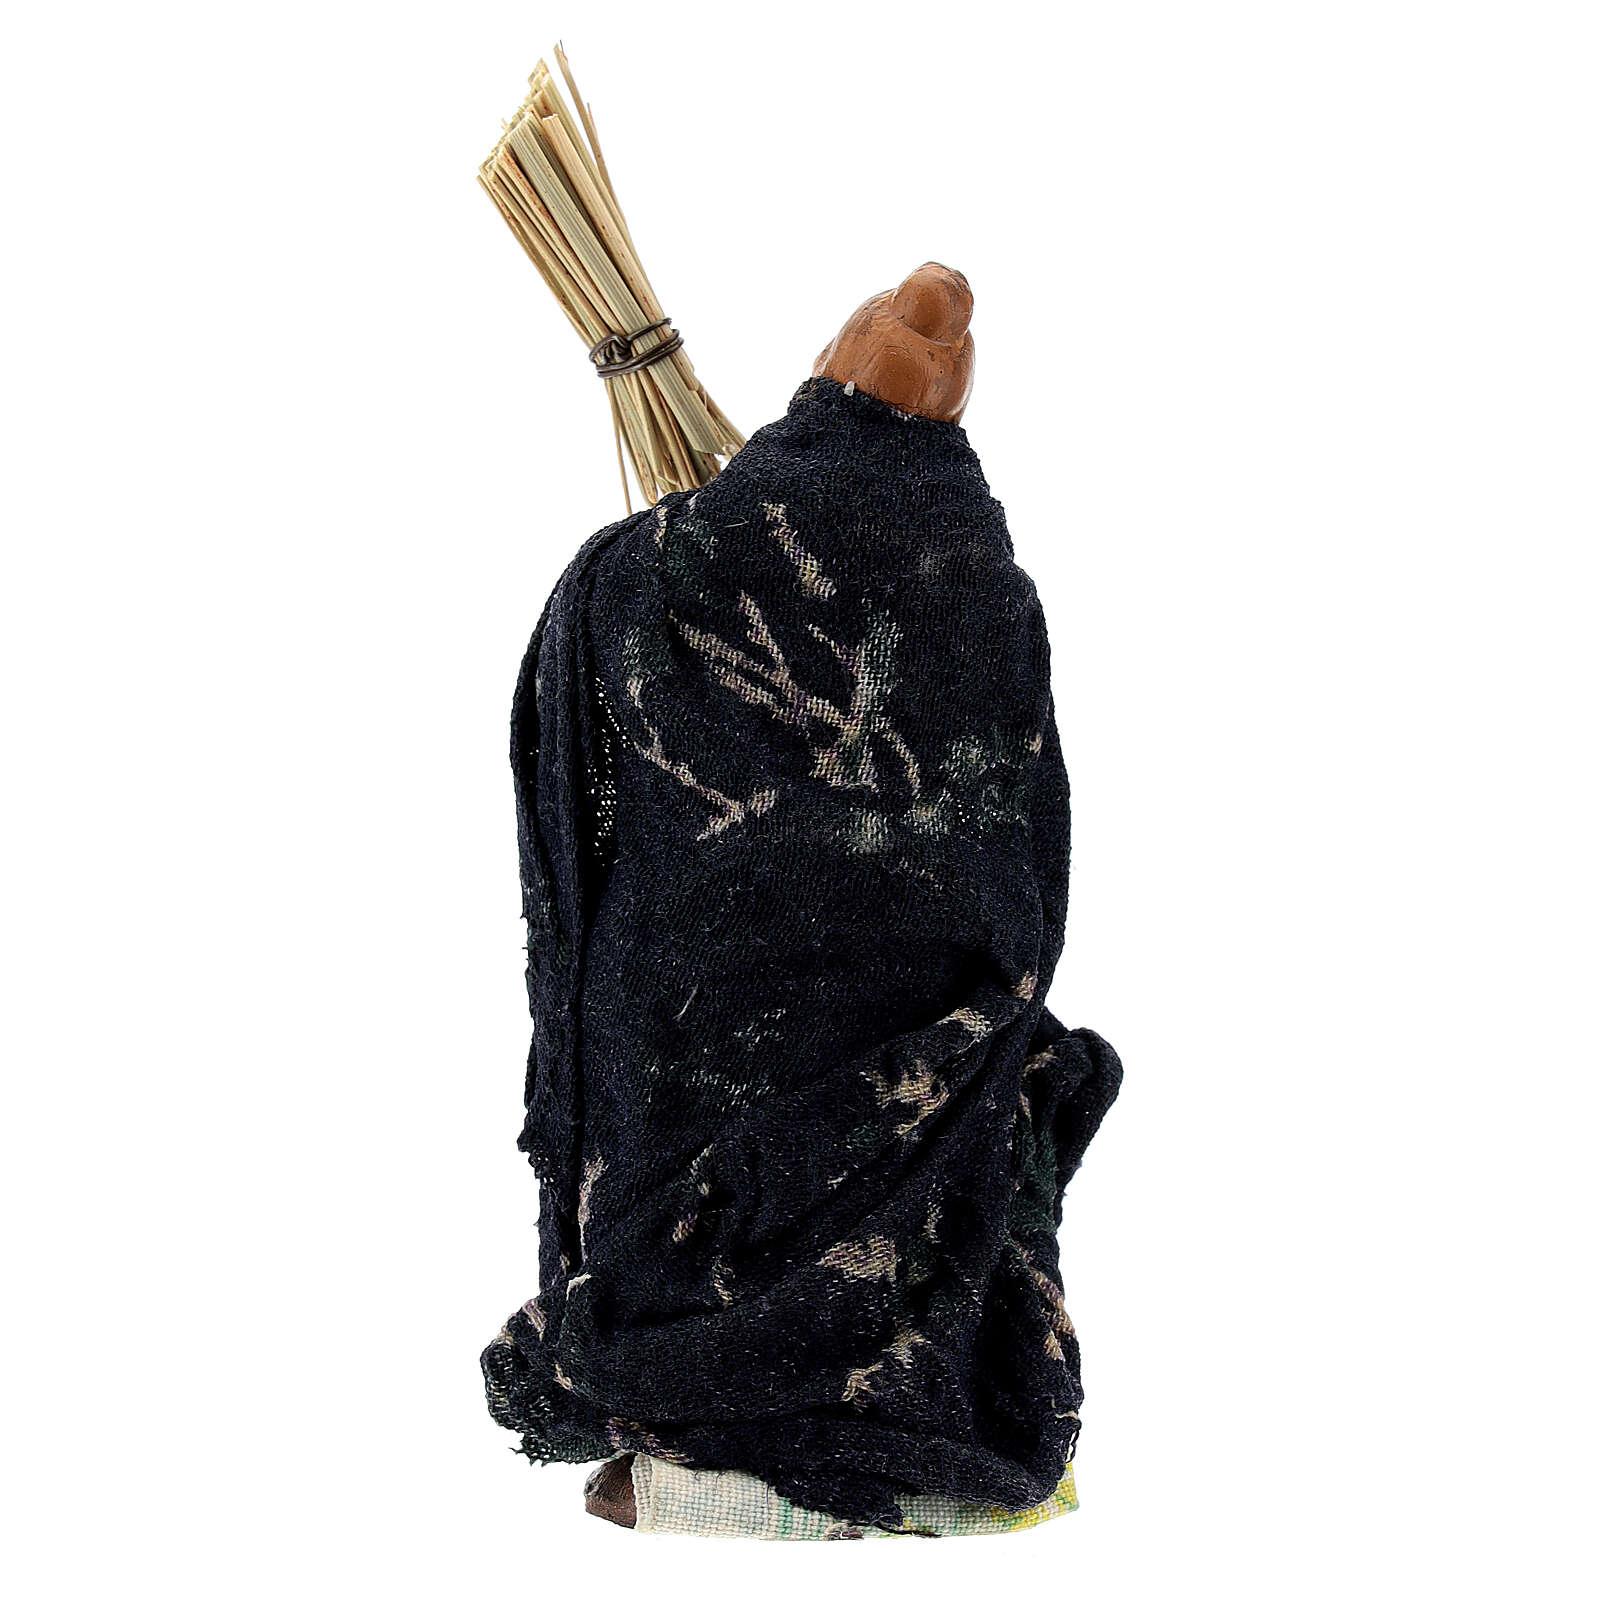 Femme avec balais levé terre cuite crèche napolitaine 8 cm 4